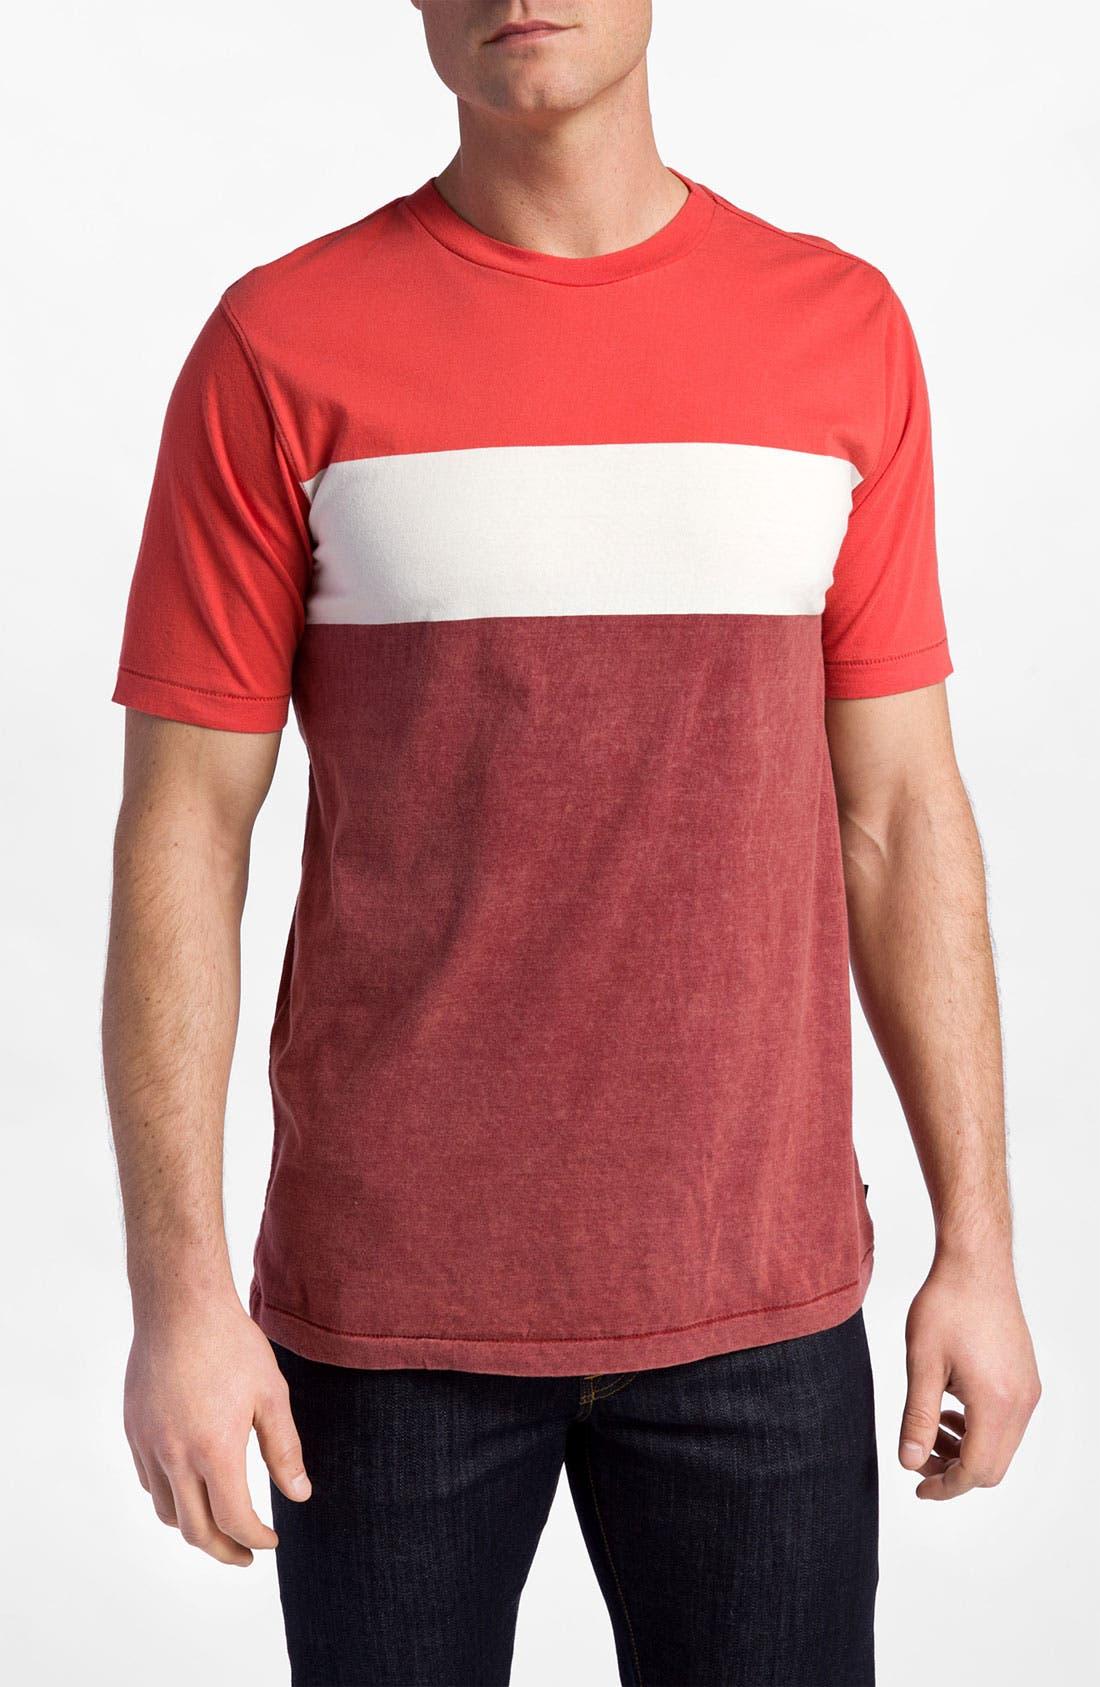 Main Image - Quiksilver 'Friday' Colorblock Crewneck T-Shirt